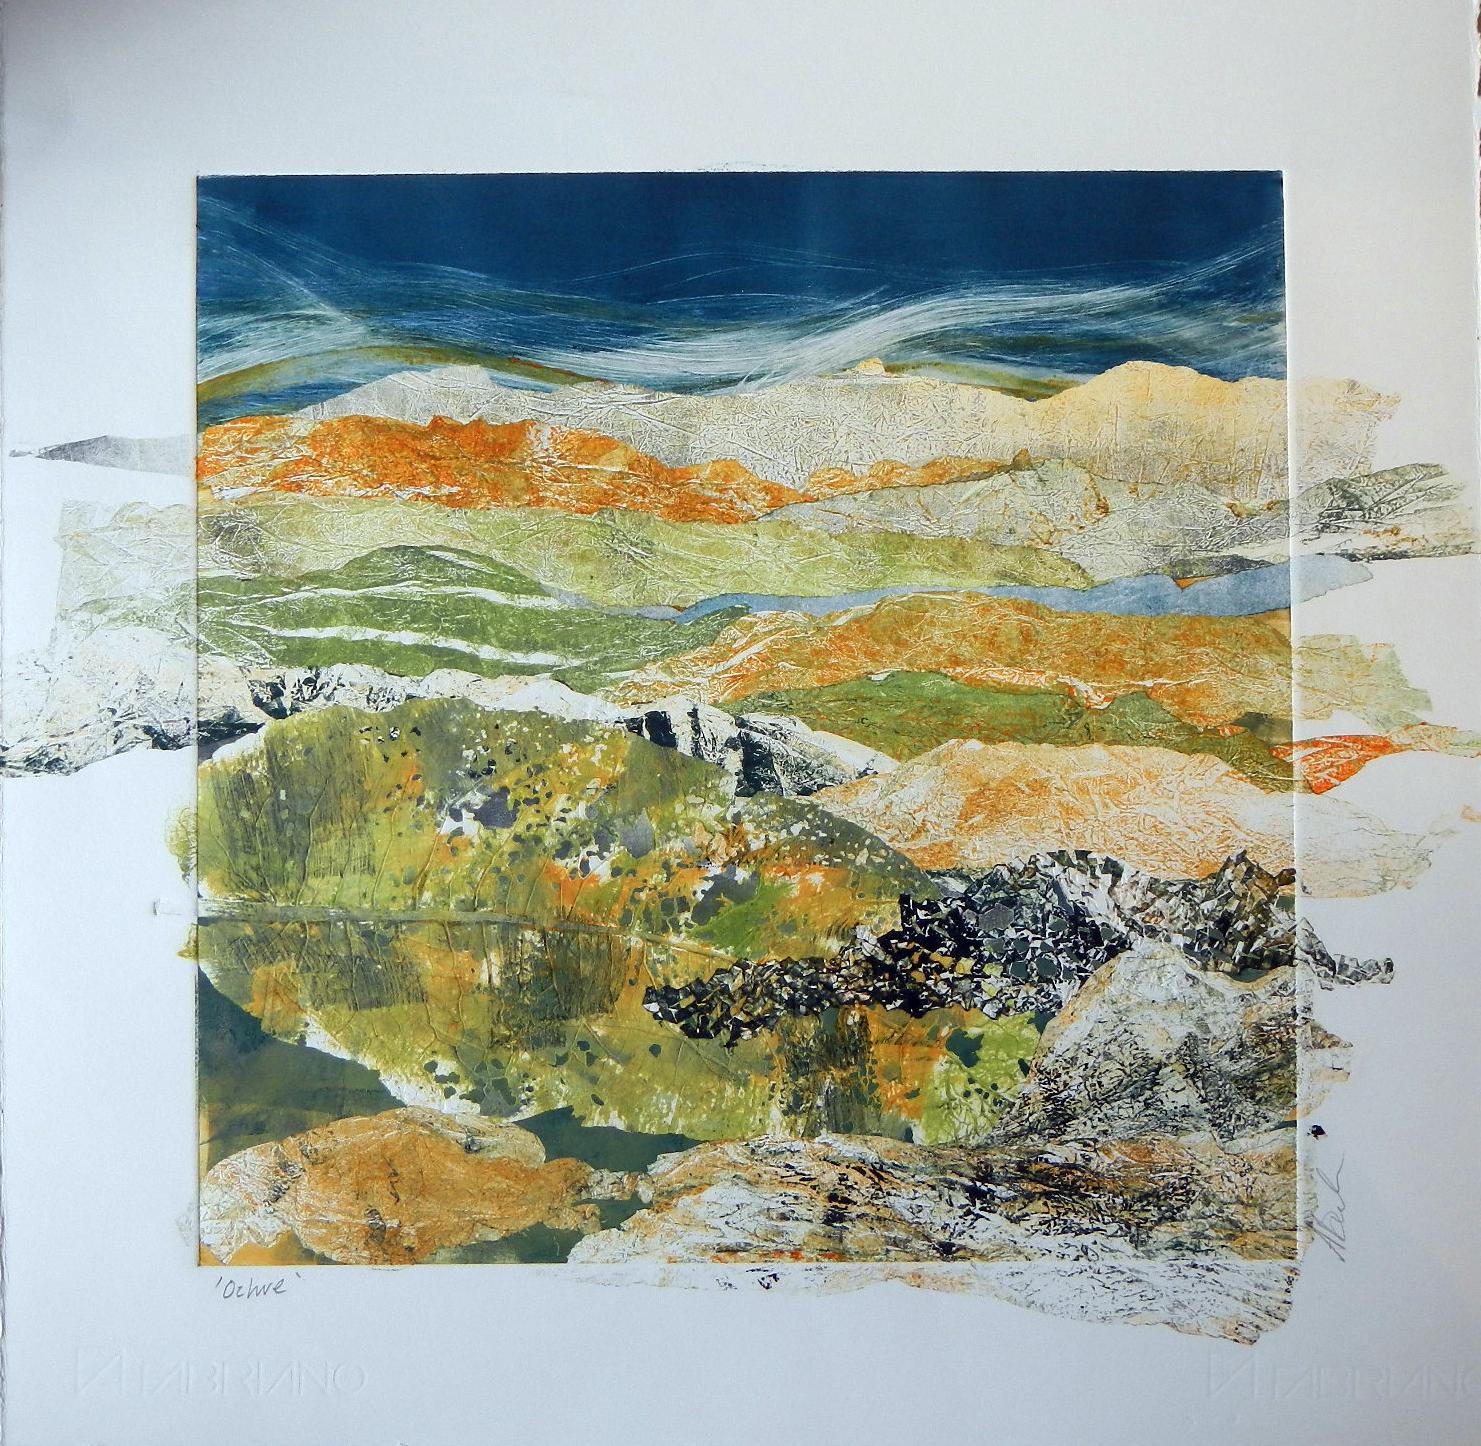 Adele Burdon. Ochre (unique print)